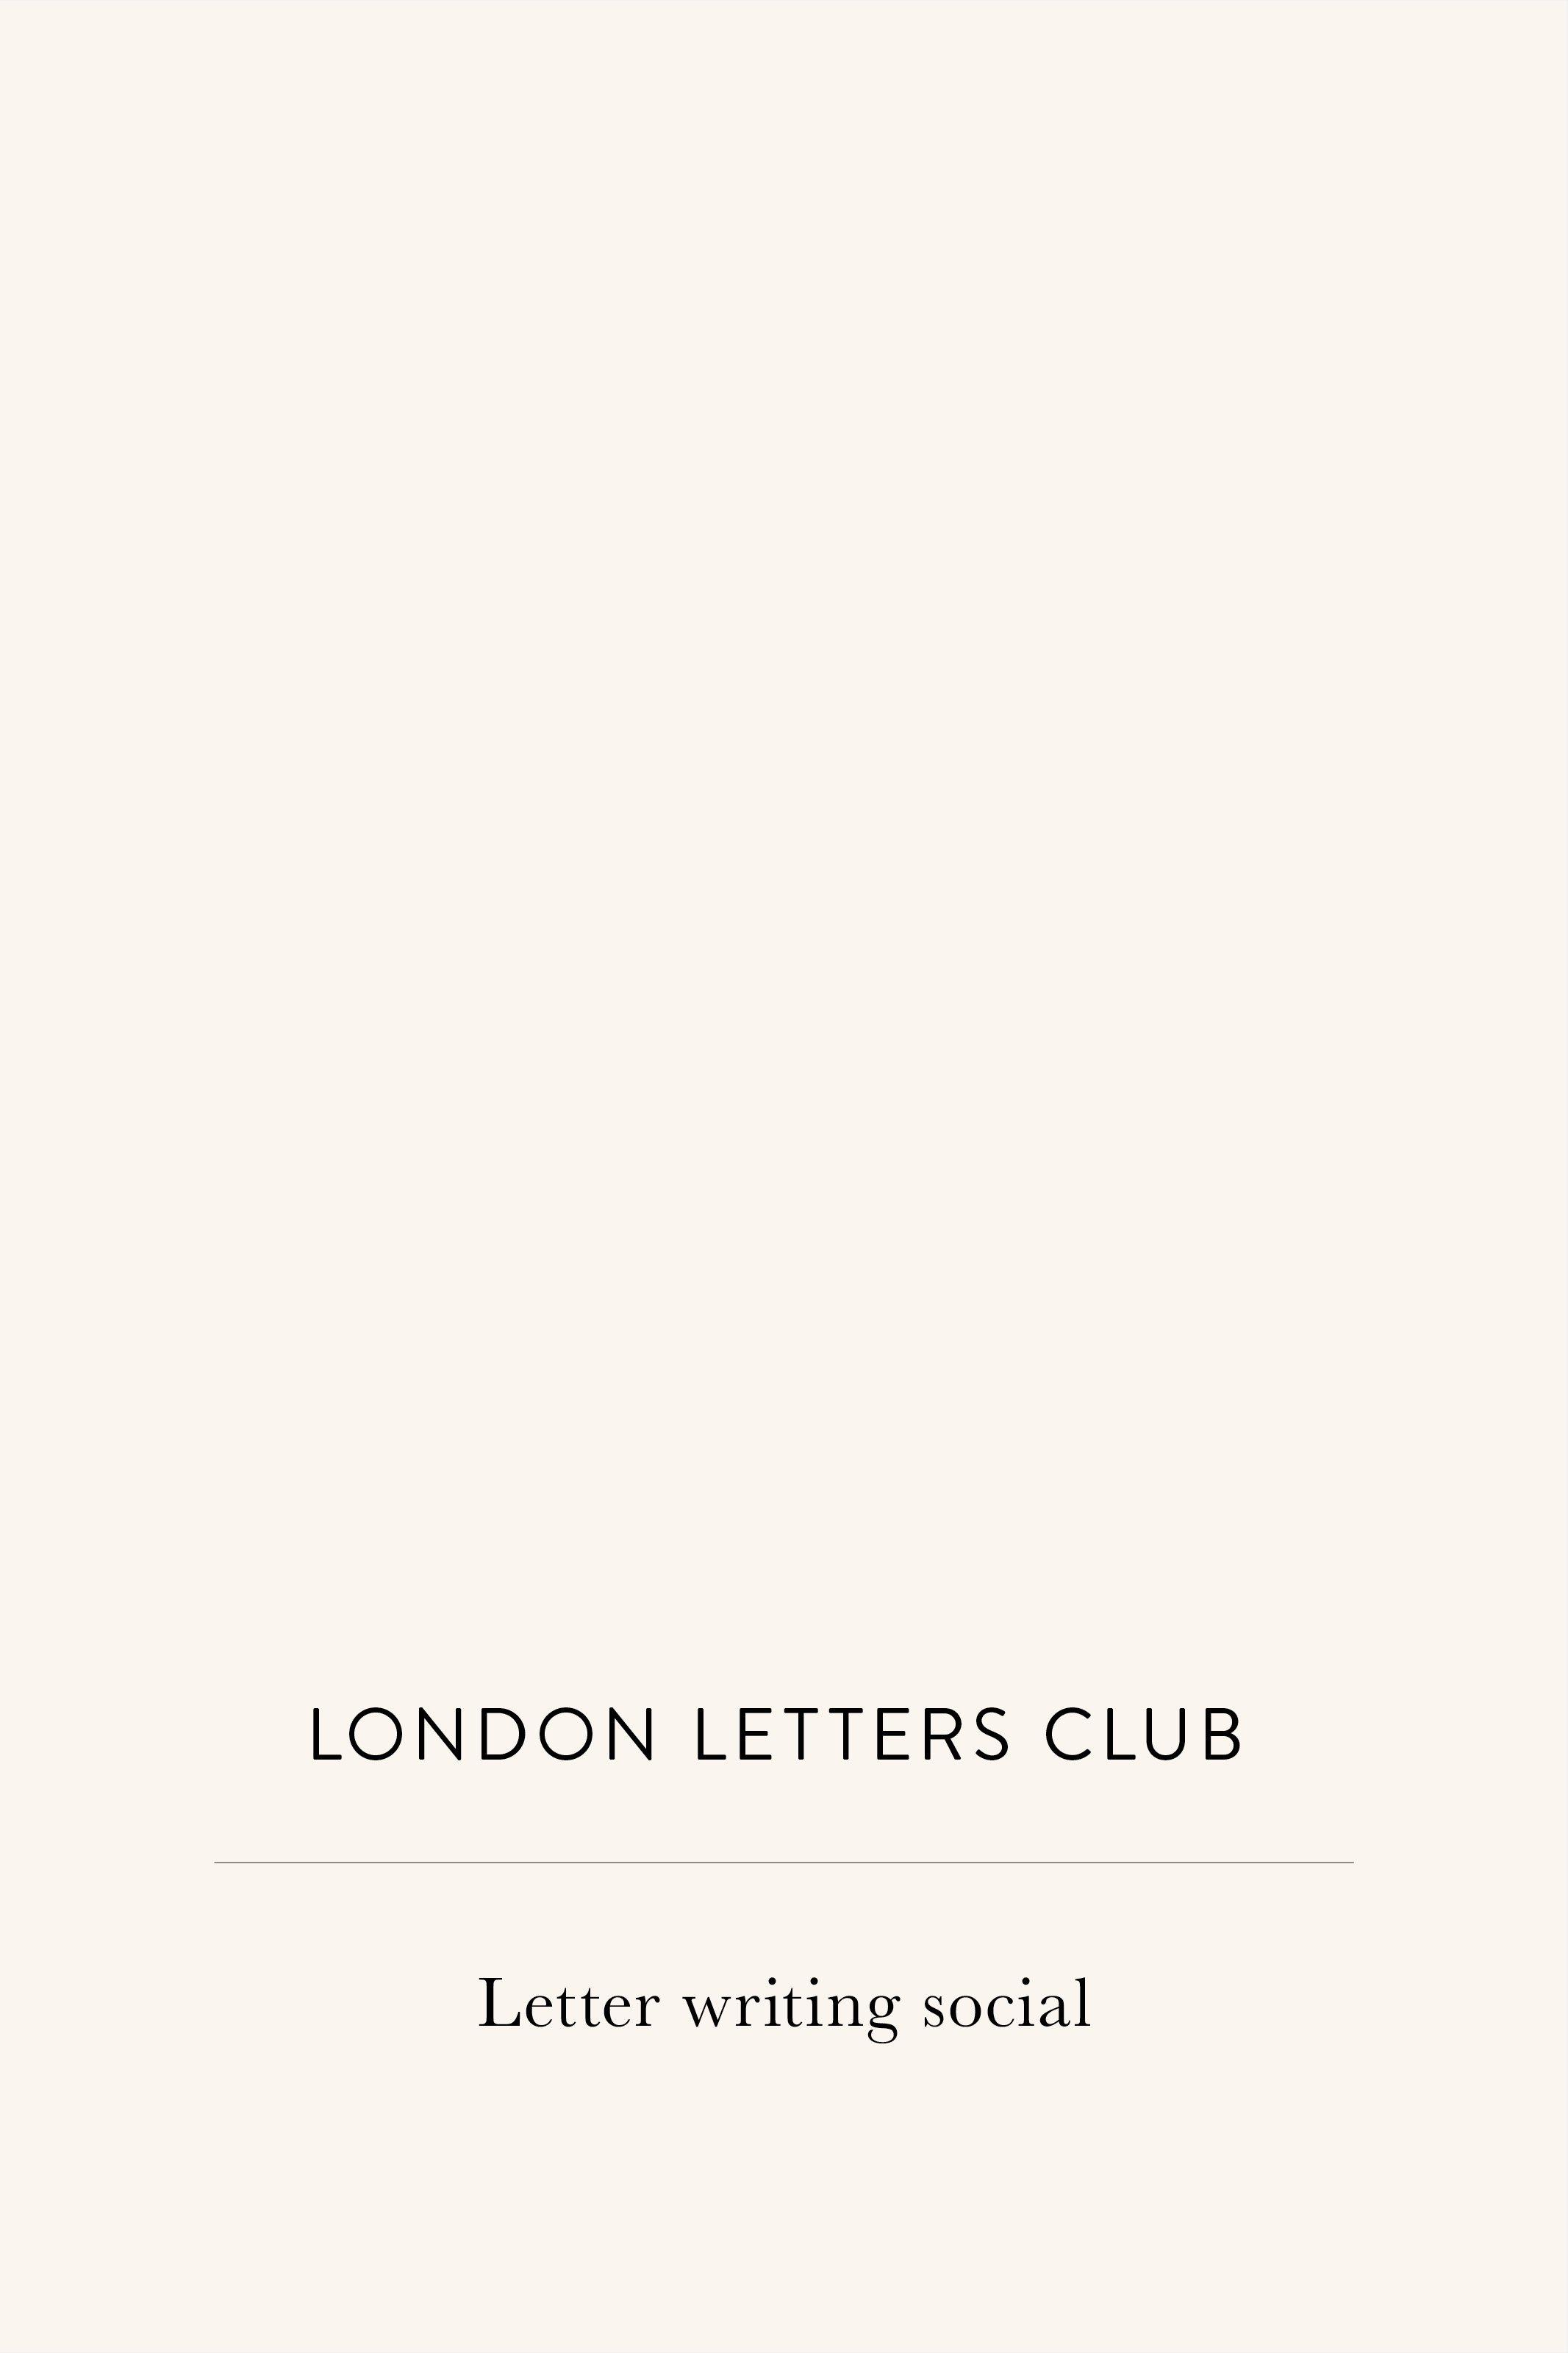 Quill London London Letters Club - Como a experiência de fazer parte de um clube de cartas me ajudou a me conhecer melhor